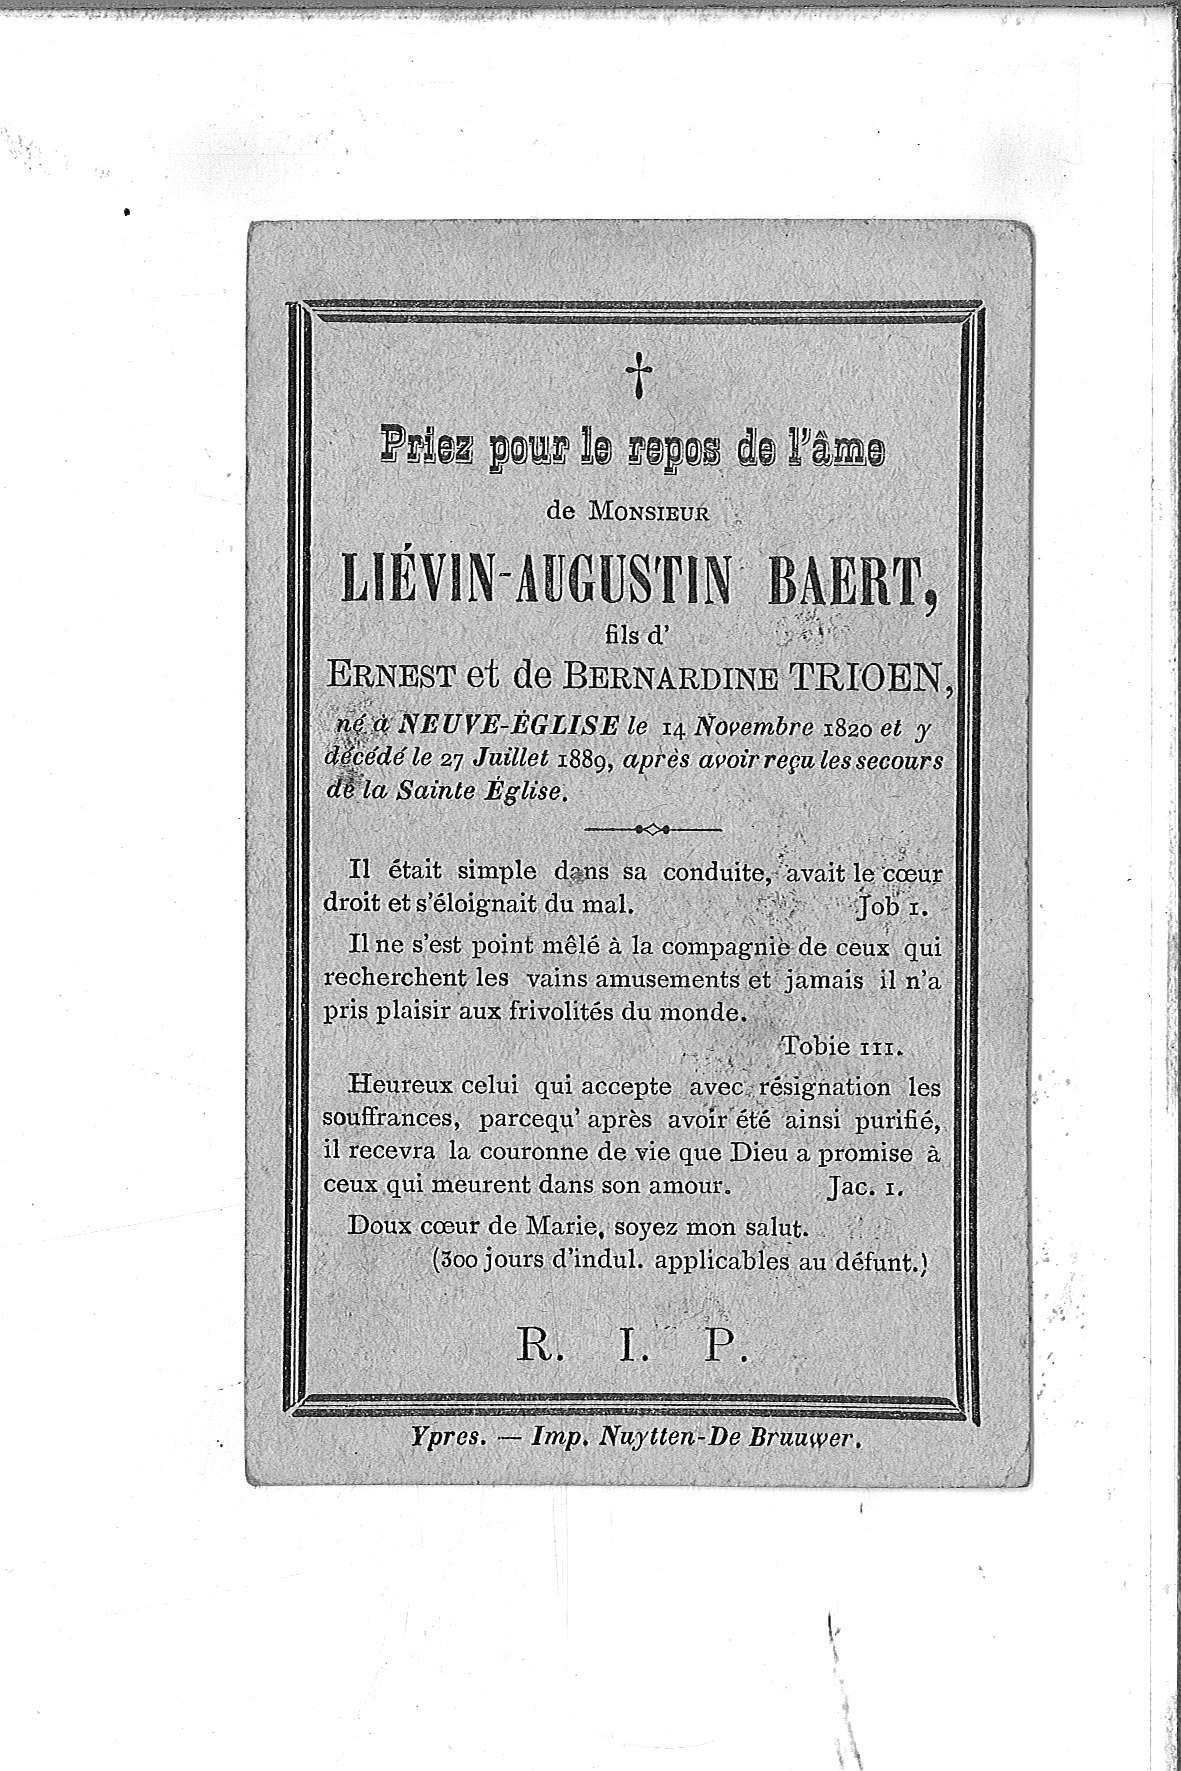 Lievin-Augustin(1889)20140701100228_00058.jpg